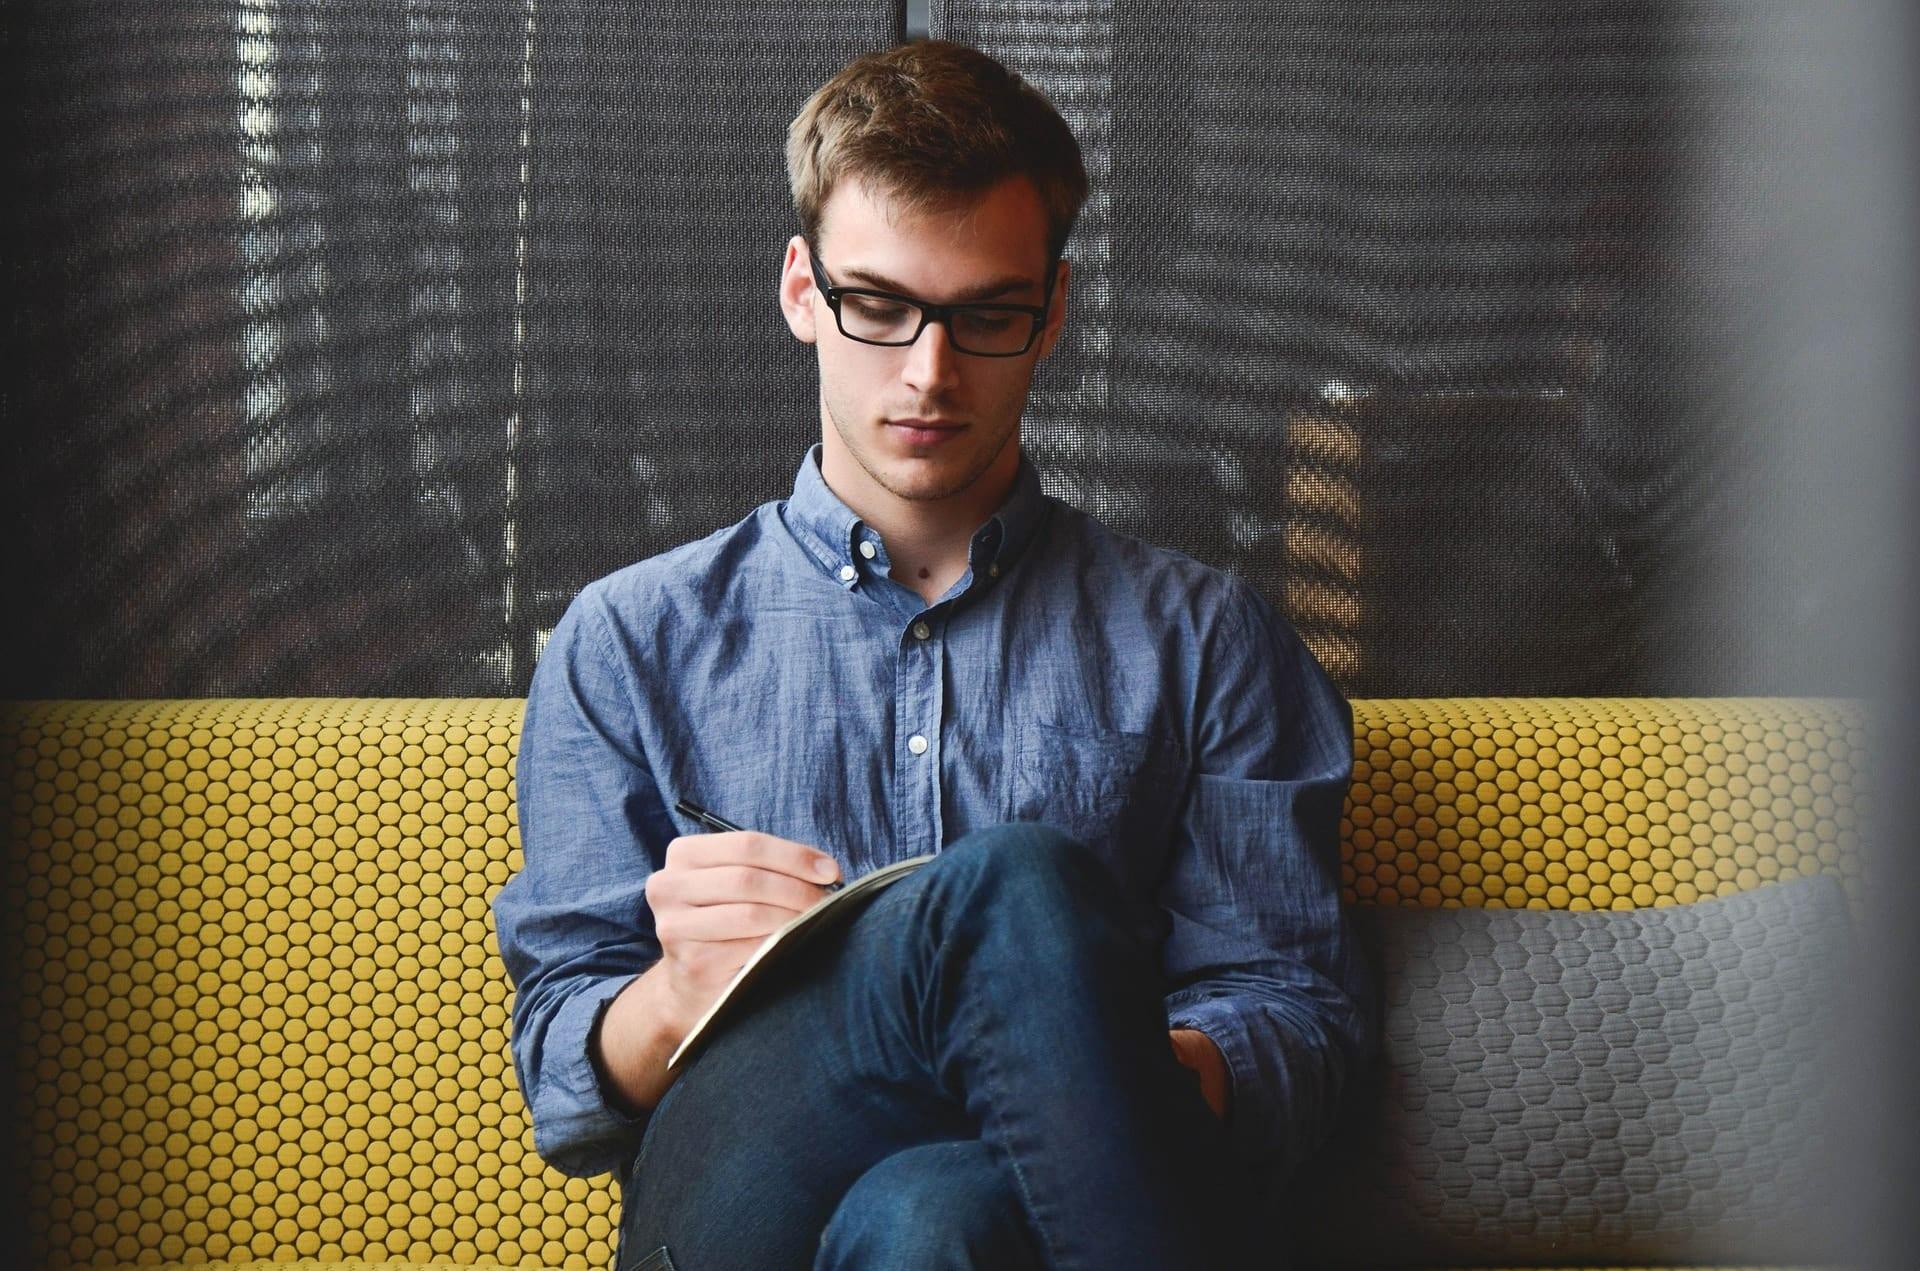 Como conseguir um emprego quando você não tem experiência profissional?